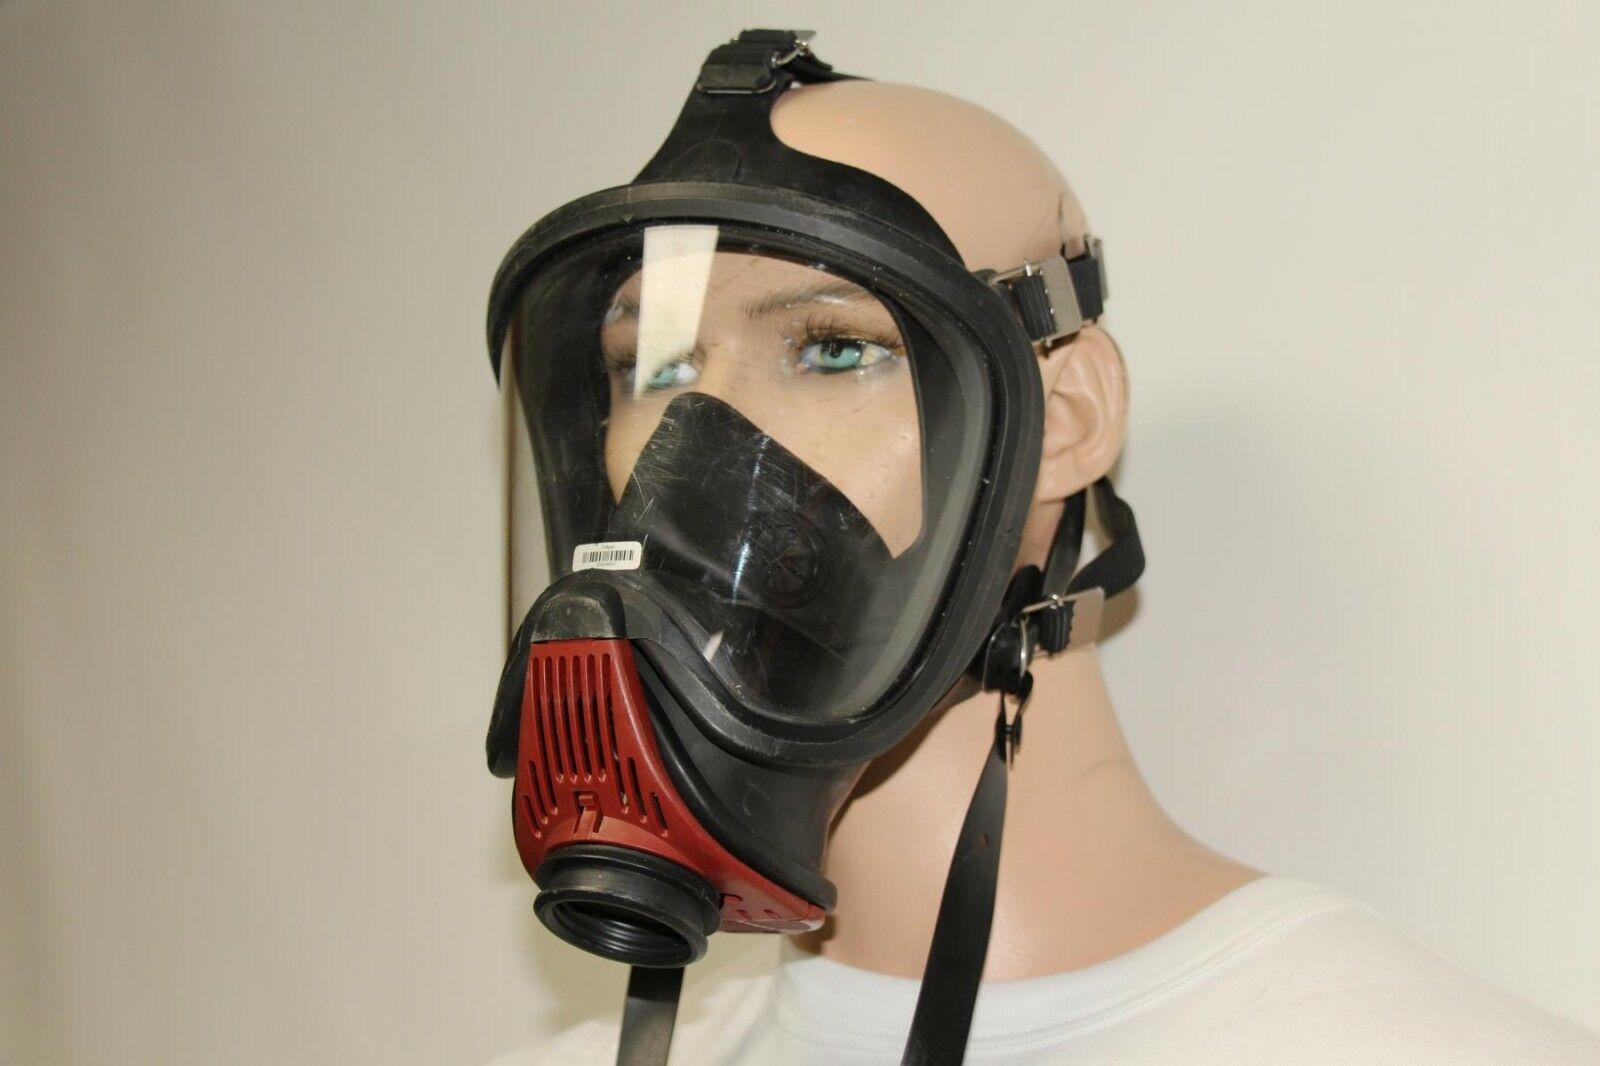 Auer-MSA-Ultra-Elite-Atemschutzmaske-Schutzmaske-Uberdruck-Steckanschluss Indexbild 4